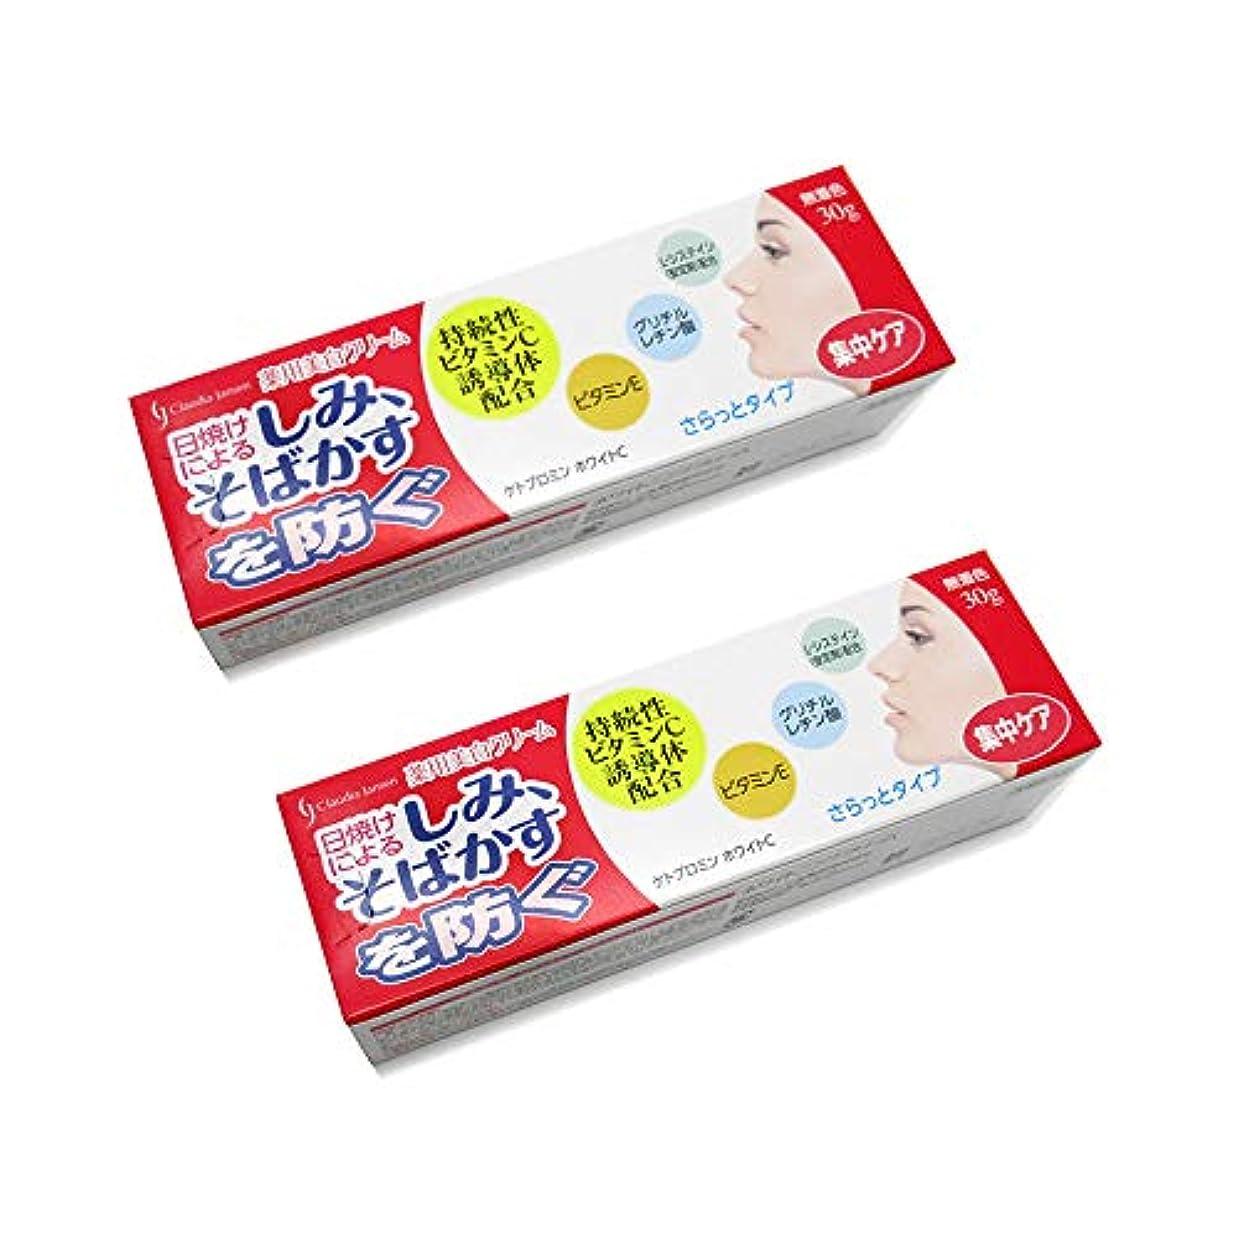 支払う一人で誘惑薬用ホワイトニングクリームC 30g 2個セット 美白クリーム 薬用 美白クリーム 美白ケア 医薬部外品